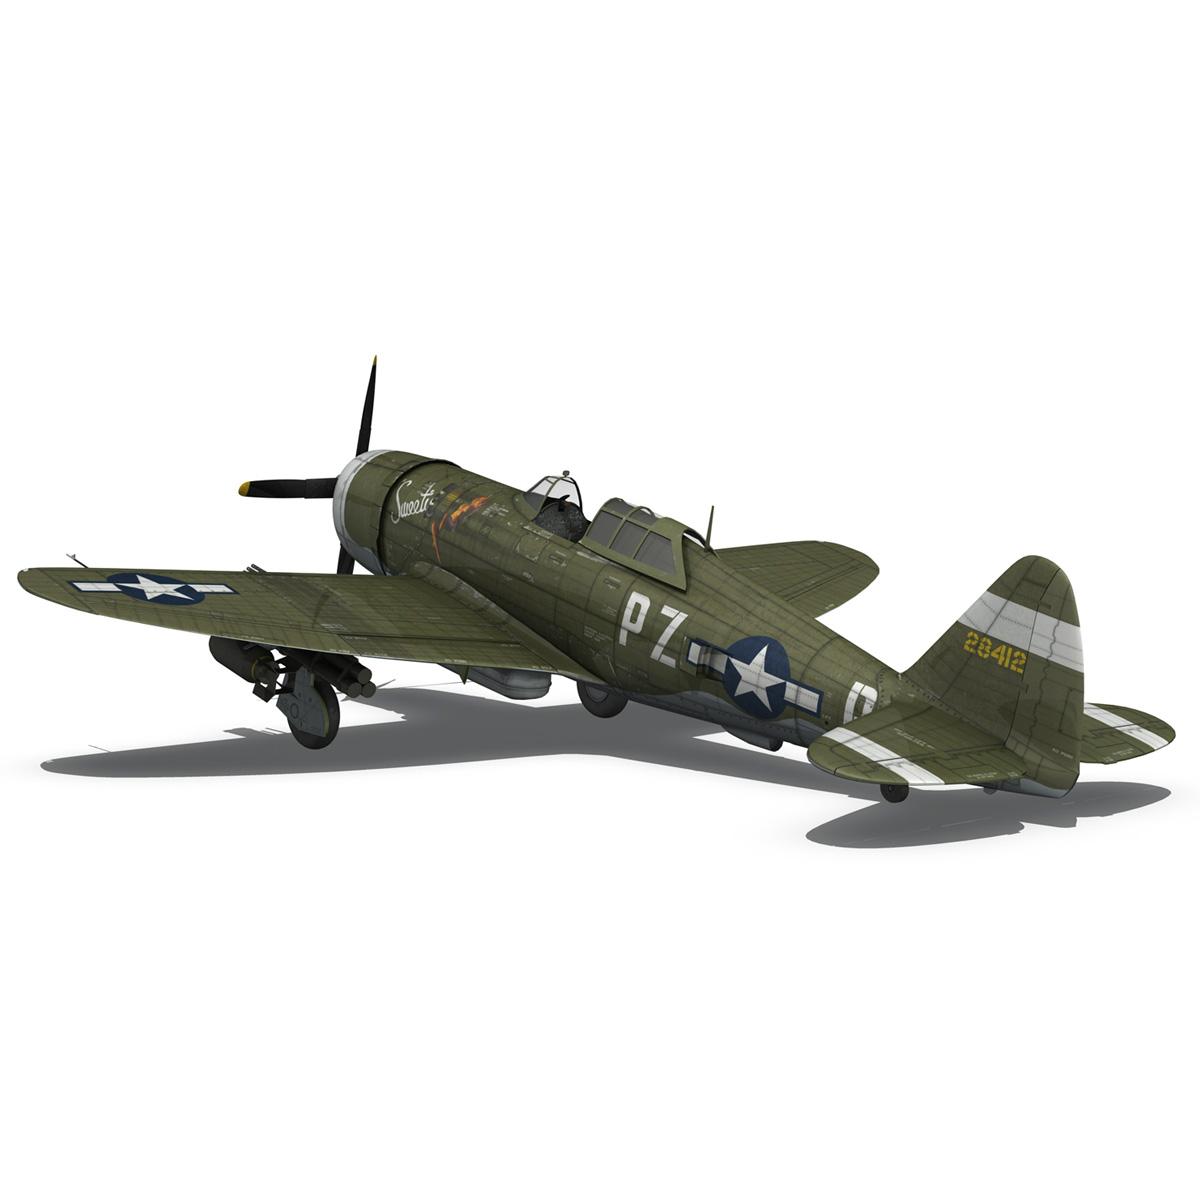 republic p-47d thunderbolt – sweetie – pz-r 3d model 3ds fbx c4d lwo obj 281844